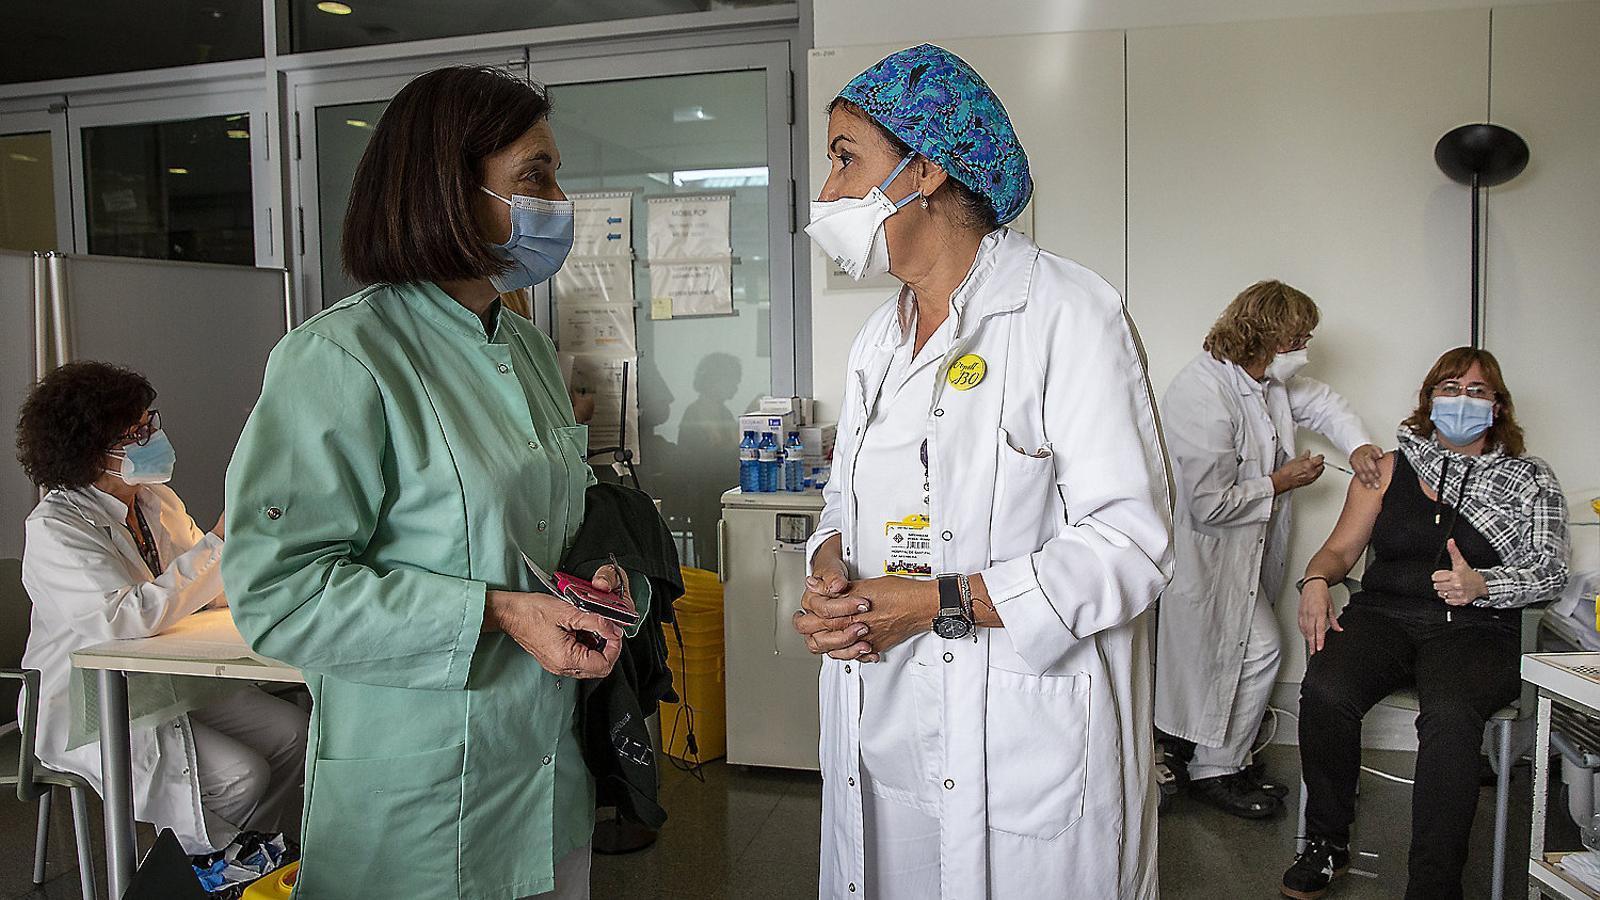 Núria Guàrdia, amb el casquet blau, supervisant el punt de vacunació de l'Hospital de Sant Pau.